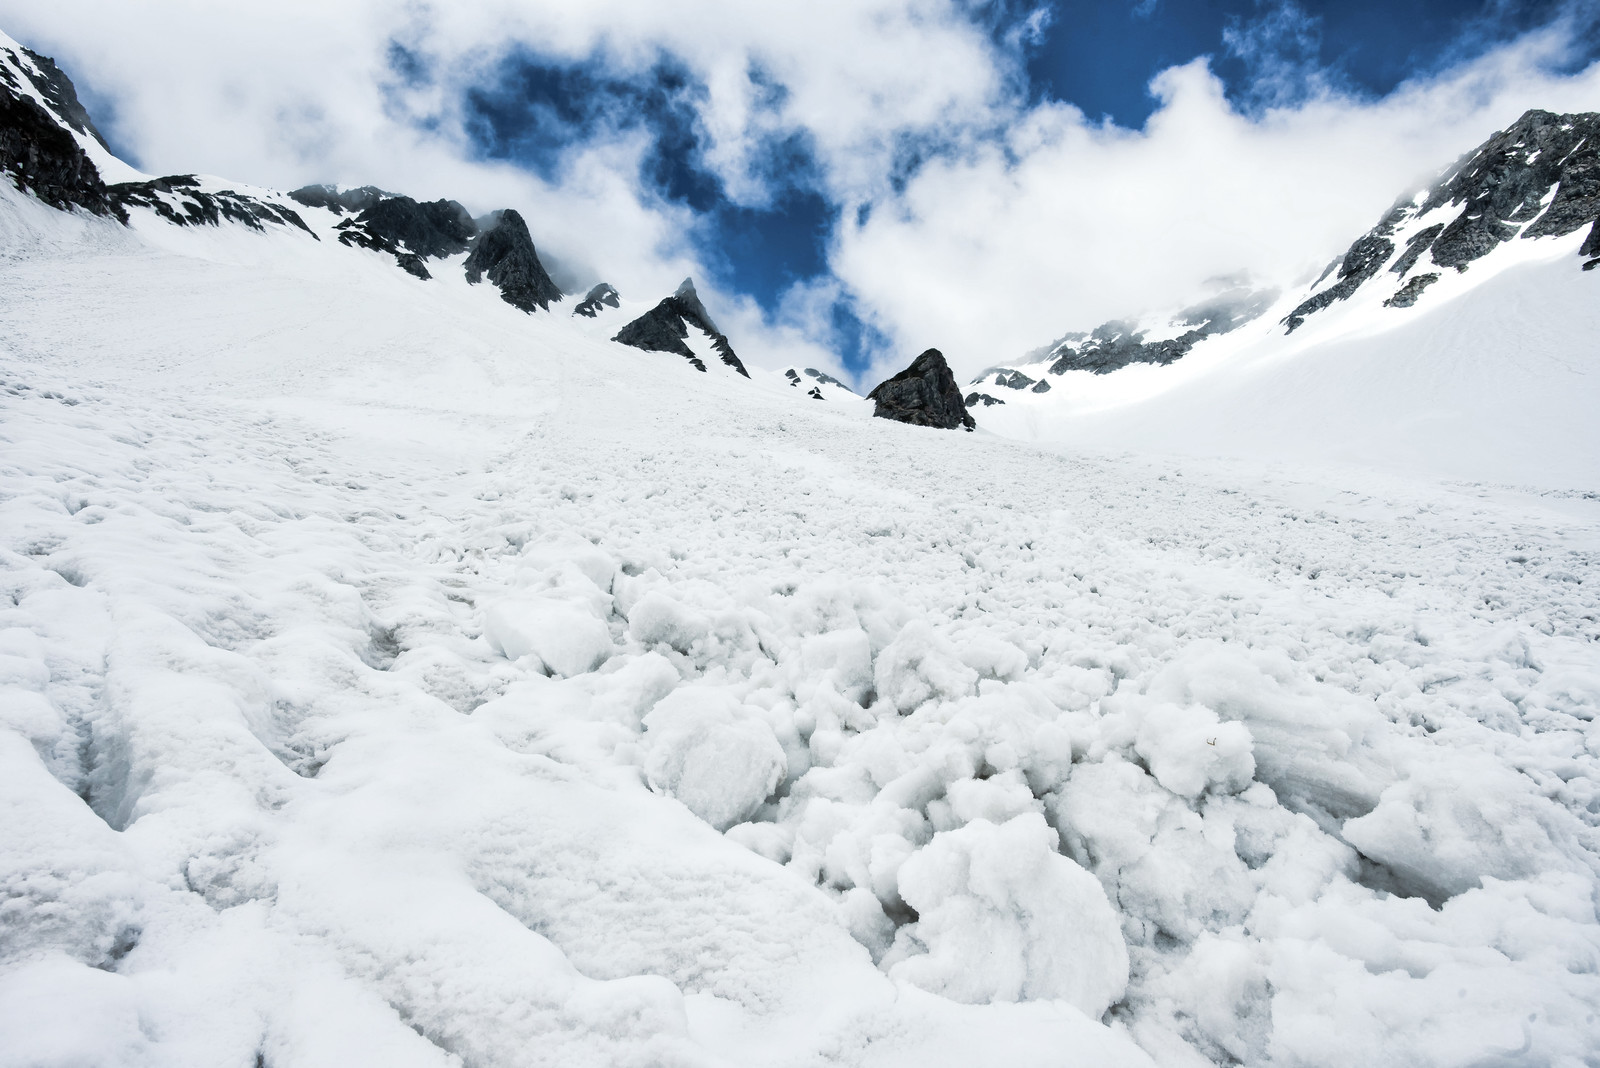 「涸沢で発生した雪崩跡」の写真